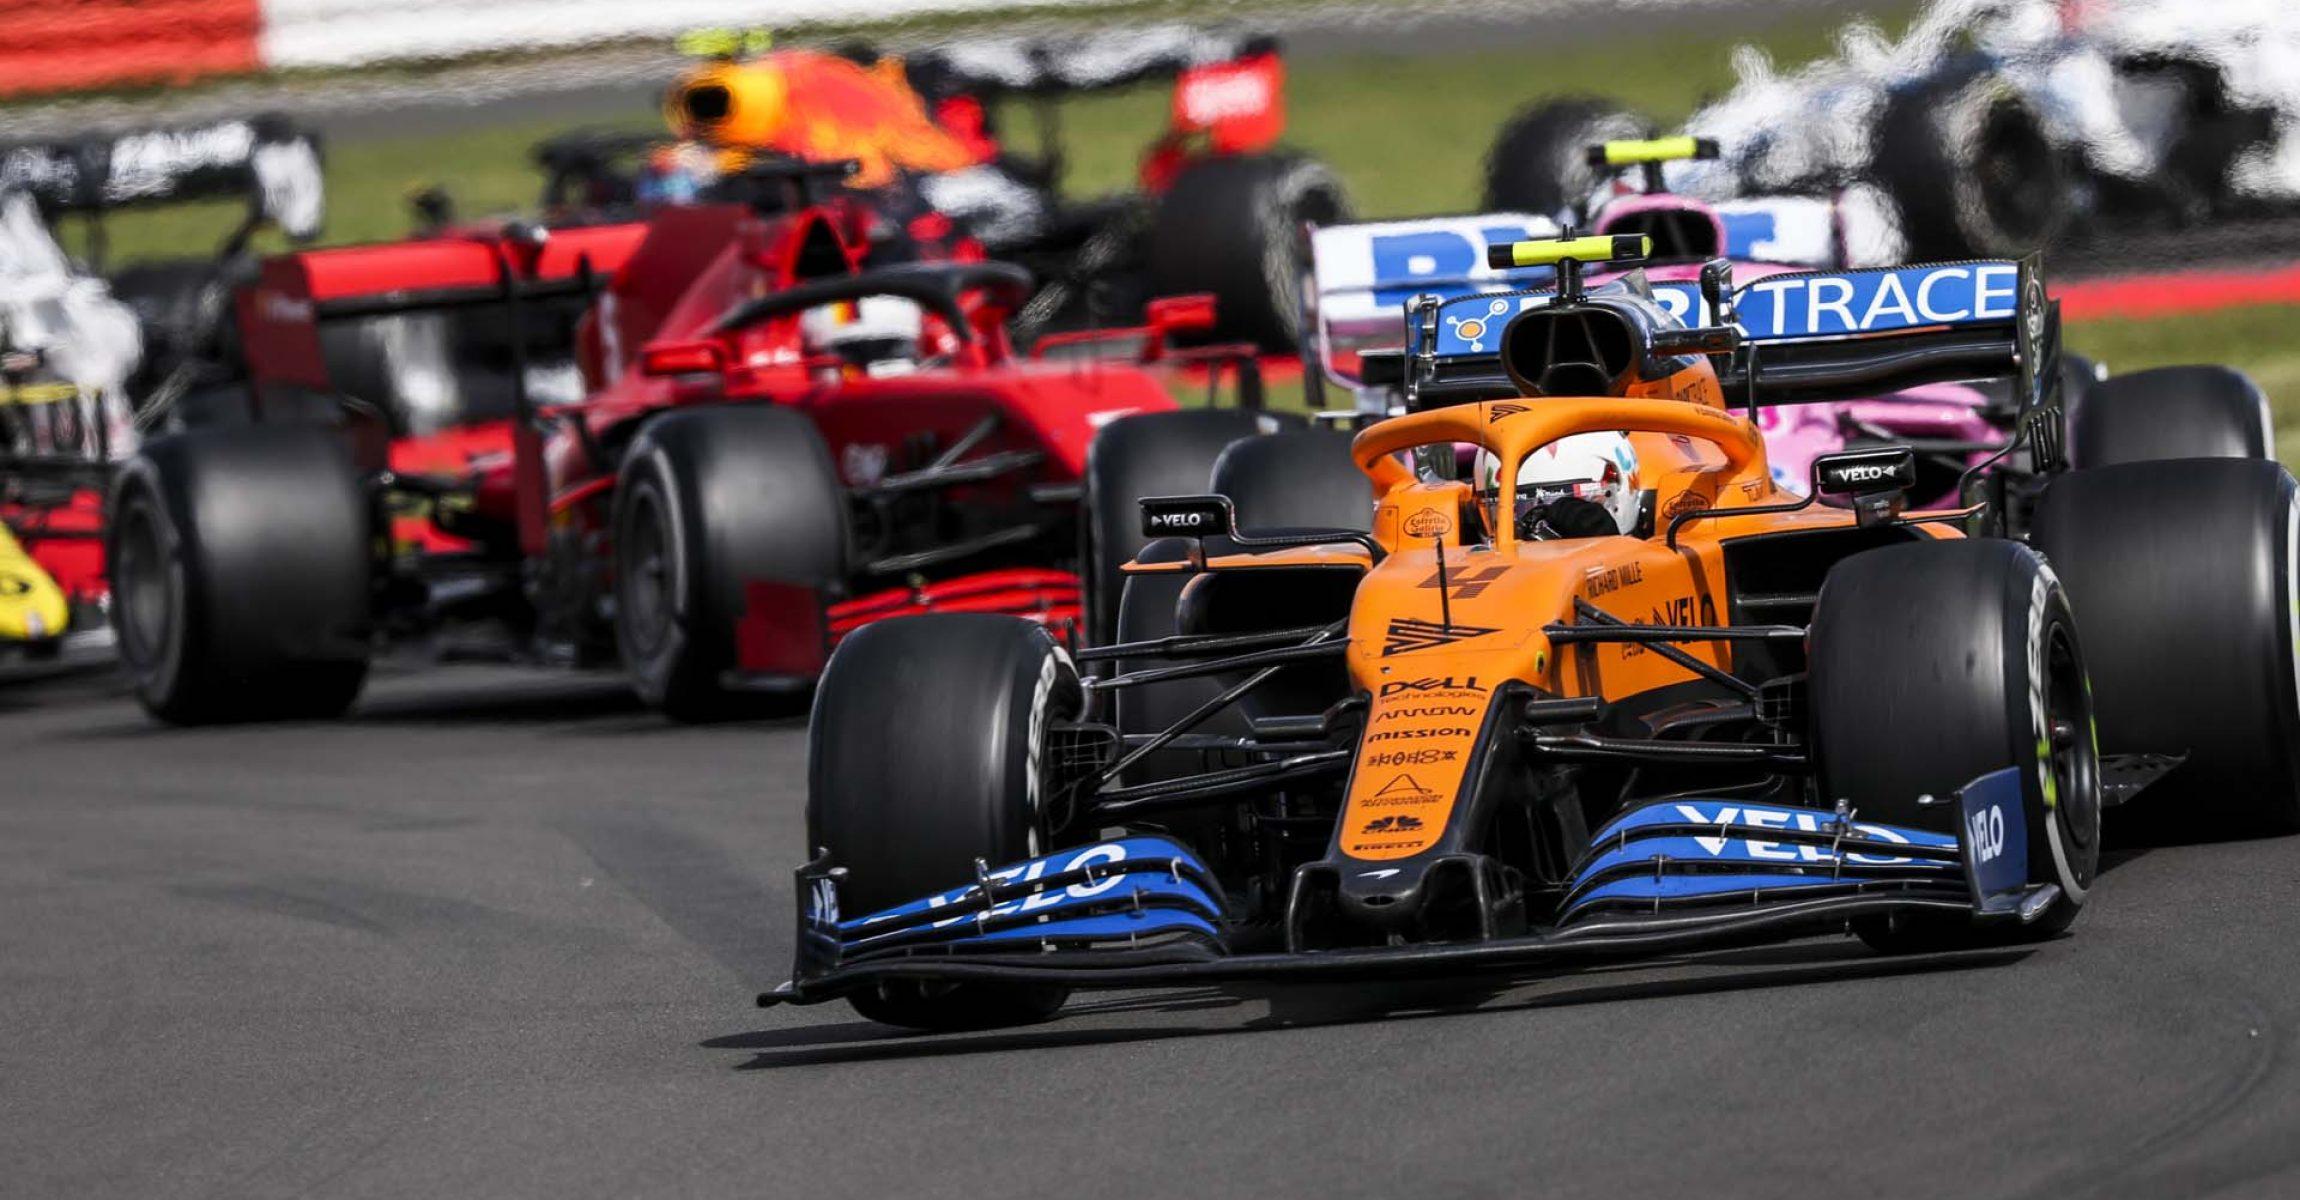 Lando Norris, McLaren MCL35, leads Lance Stroll, Racing Point RP20, Sebastian Vettel, Ferrari SF1000, and Esteban Ocon, Renault R.S.20